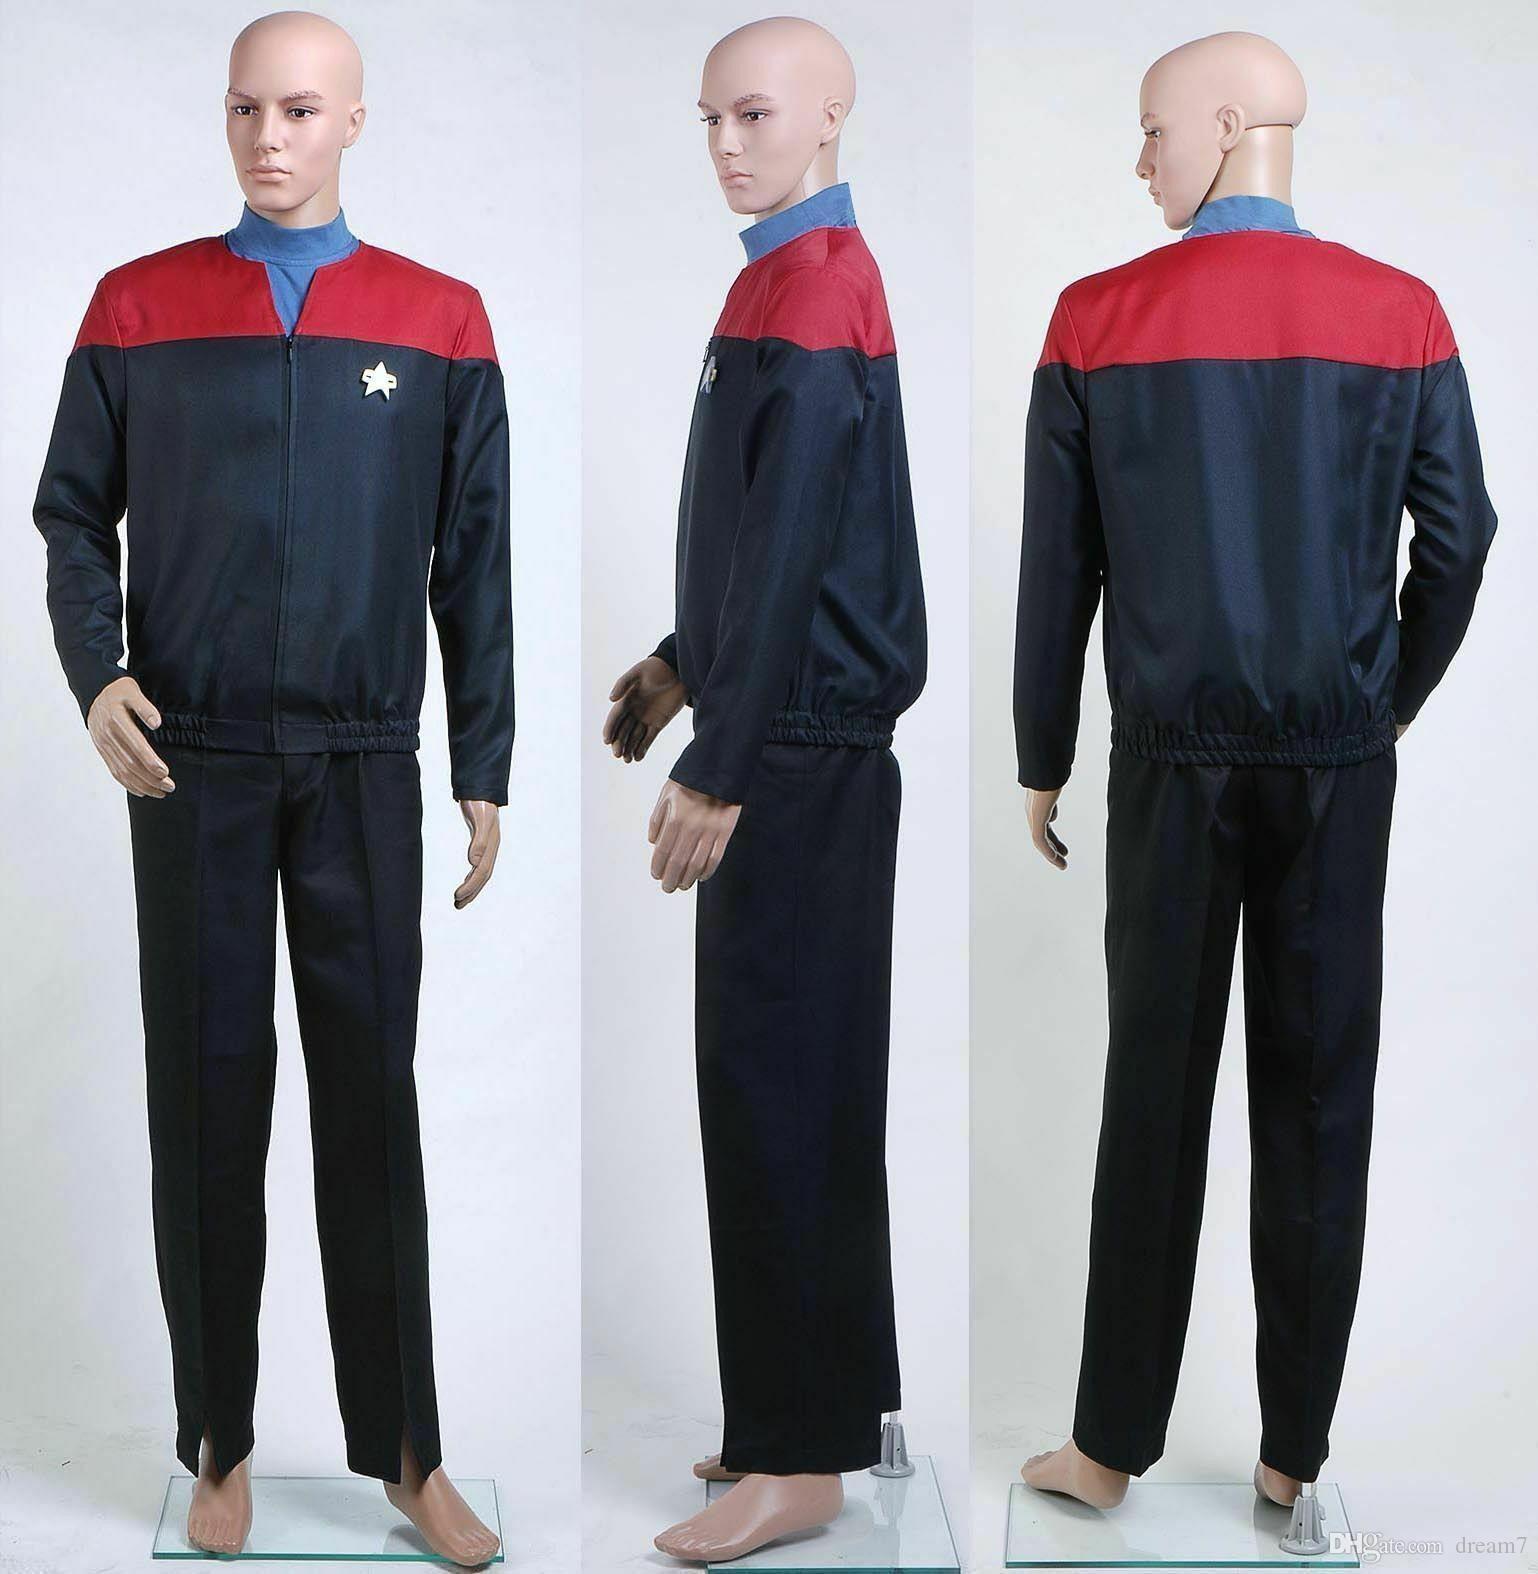 NUOVO! Star Trek Voyager Comando costume uniforme Insieme completo rosso su ordine